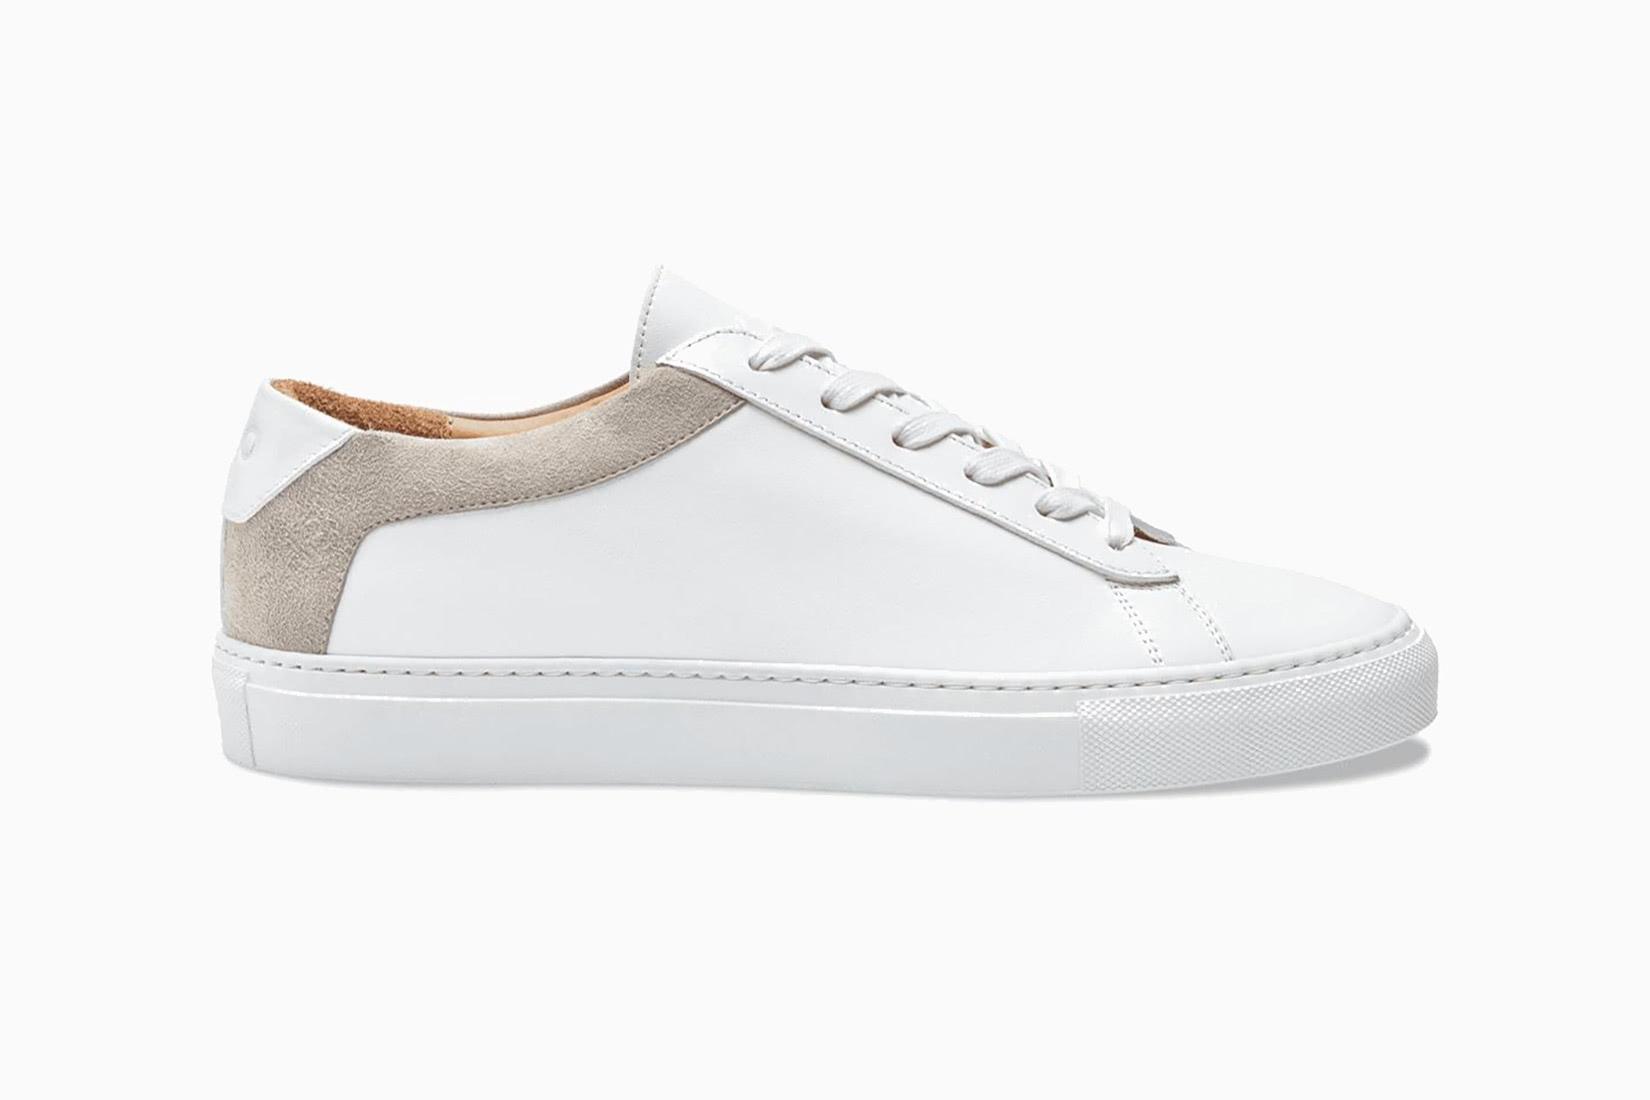 best women walking shoes koio capri bianco sneakers - Luxe Digital